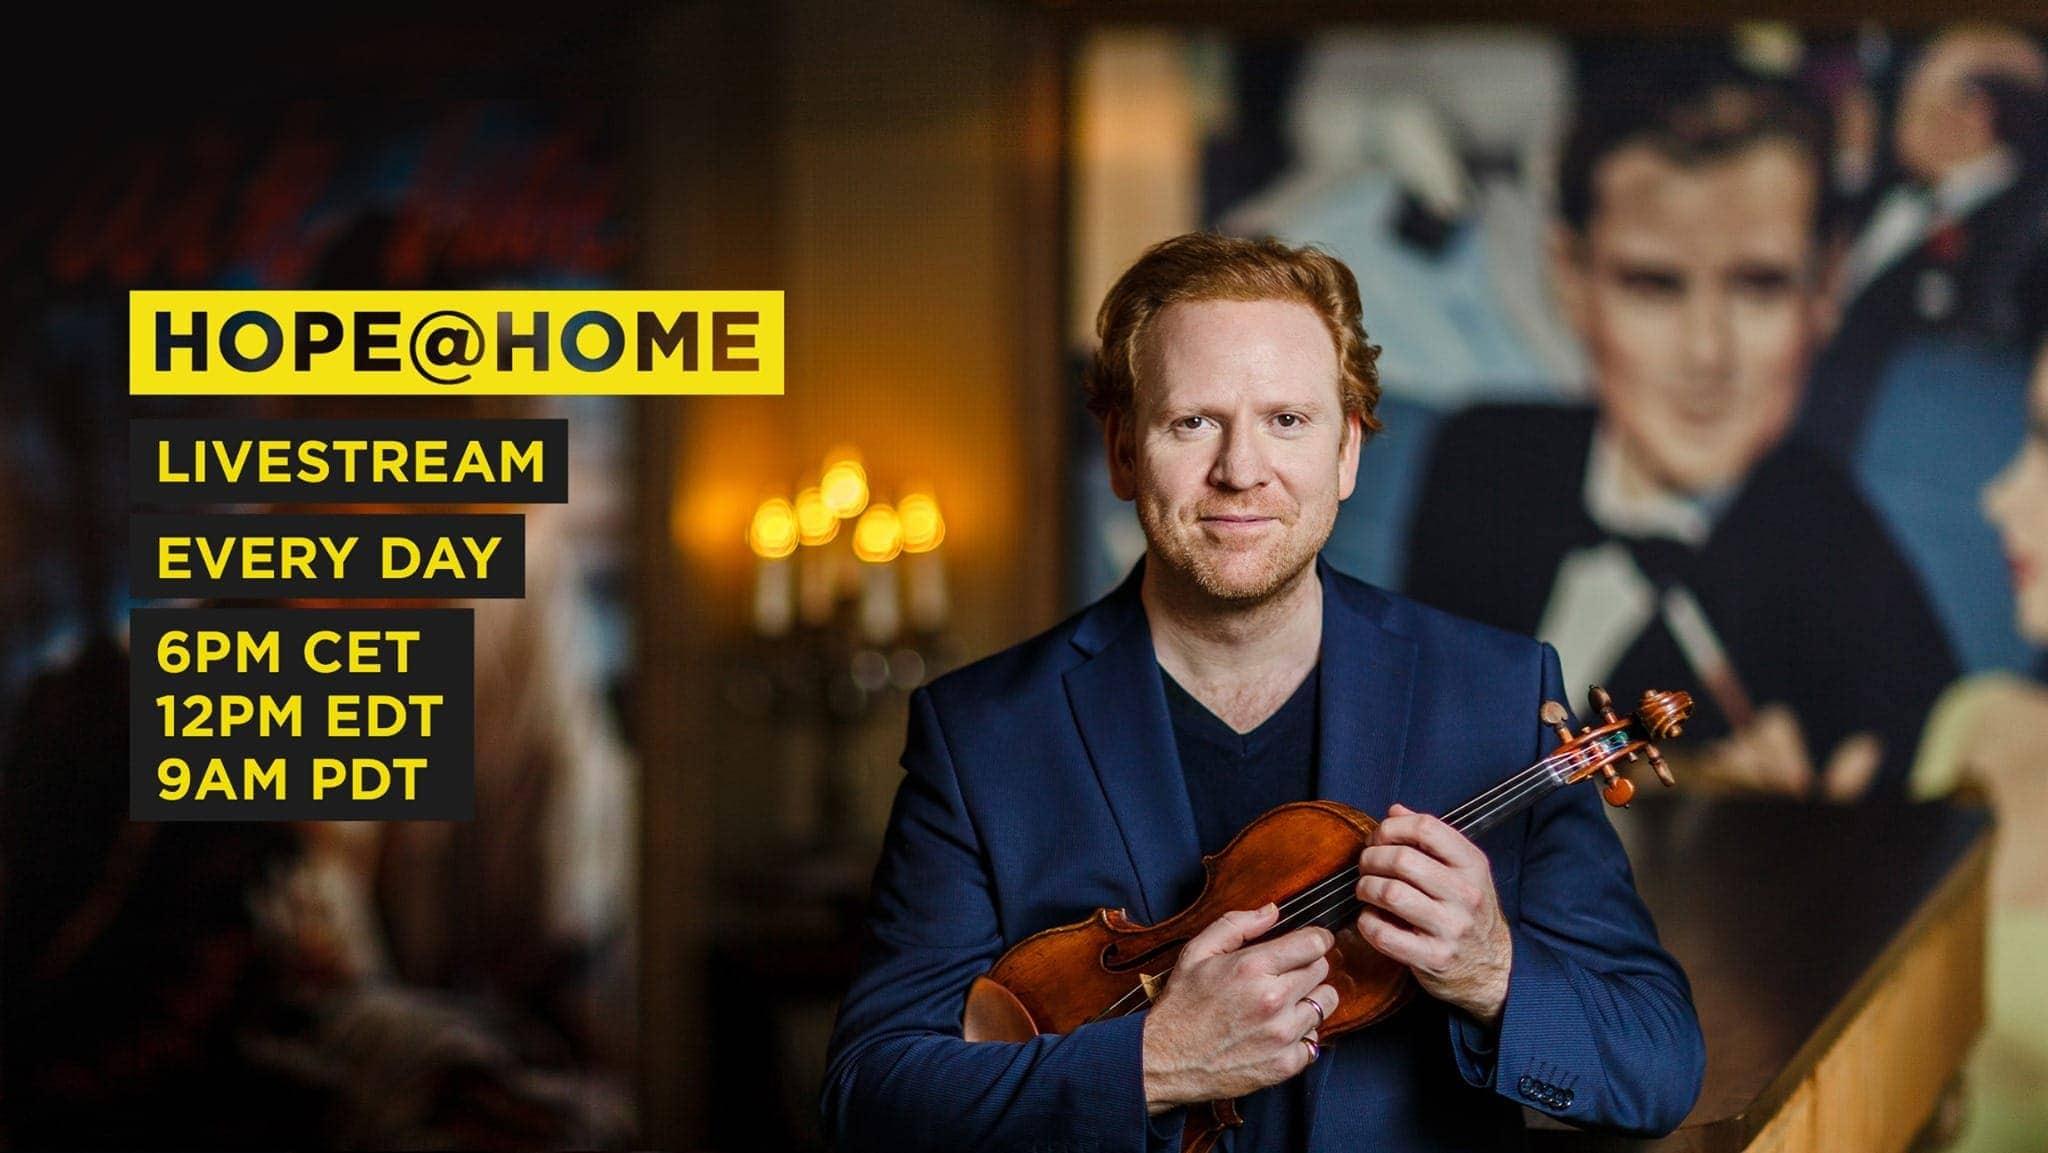 В Берлине состоялась серия концертов Hope@Home